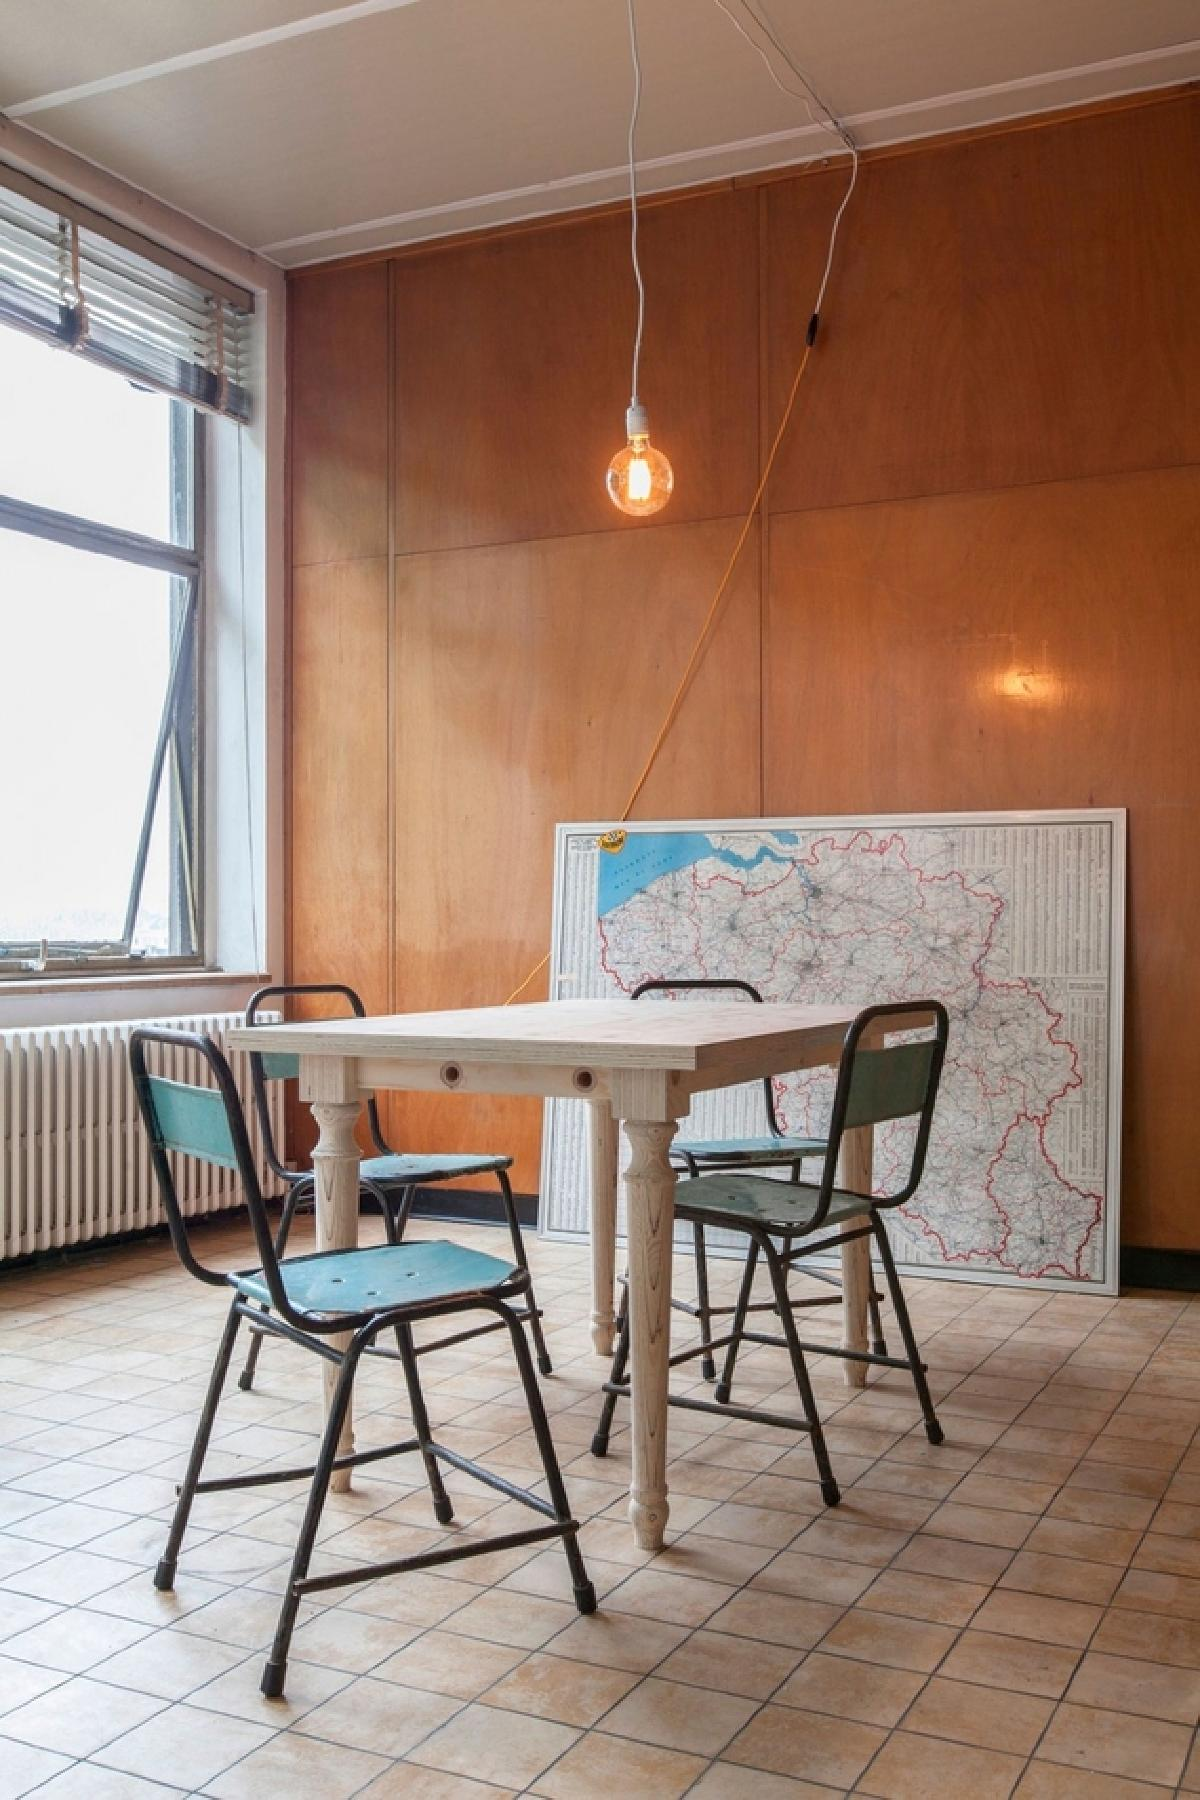 用餐区继续在桌子和椅子,地图和新的但复古的灯光吊坠完整的爱迪生灯泡的复古主题。